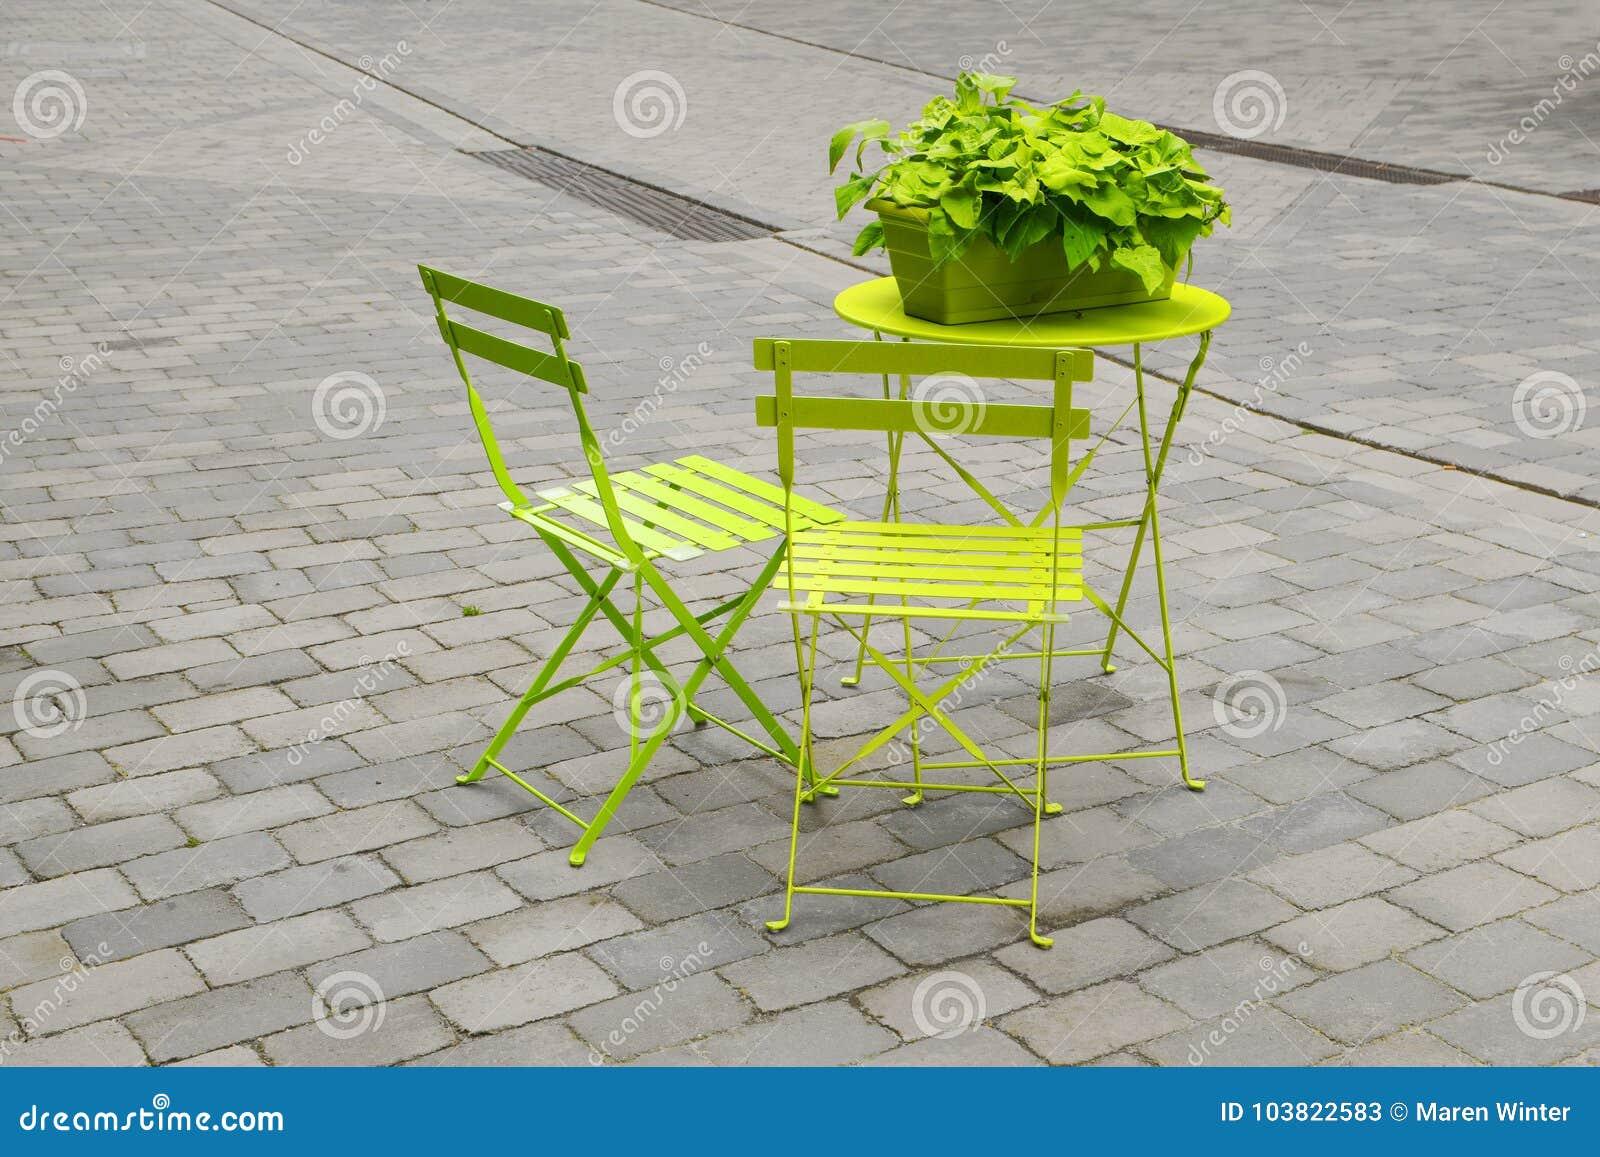 Sillas De Jardín Verdes Claras Y Una Tabla De Plegamiento Con Un ...